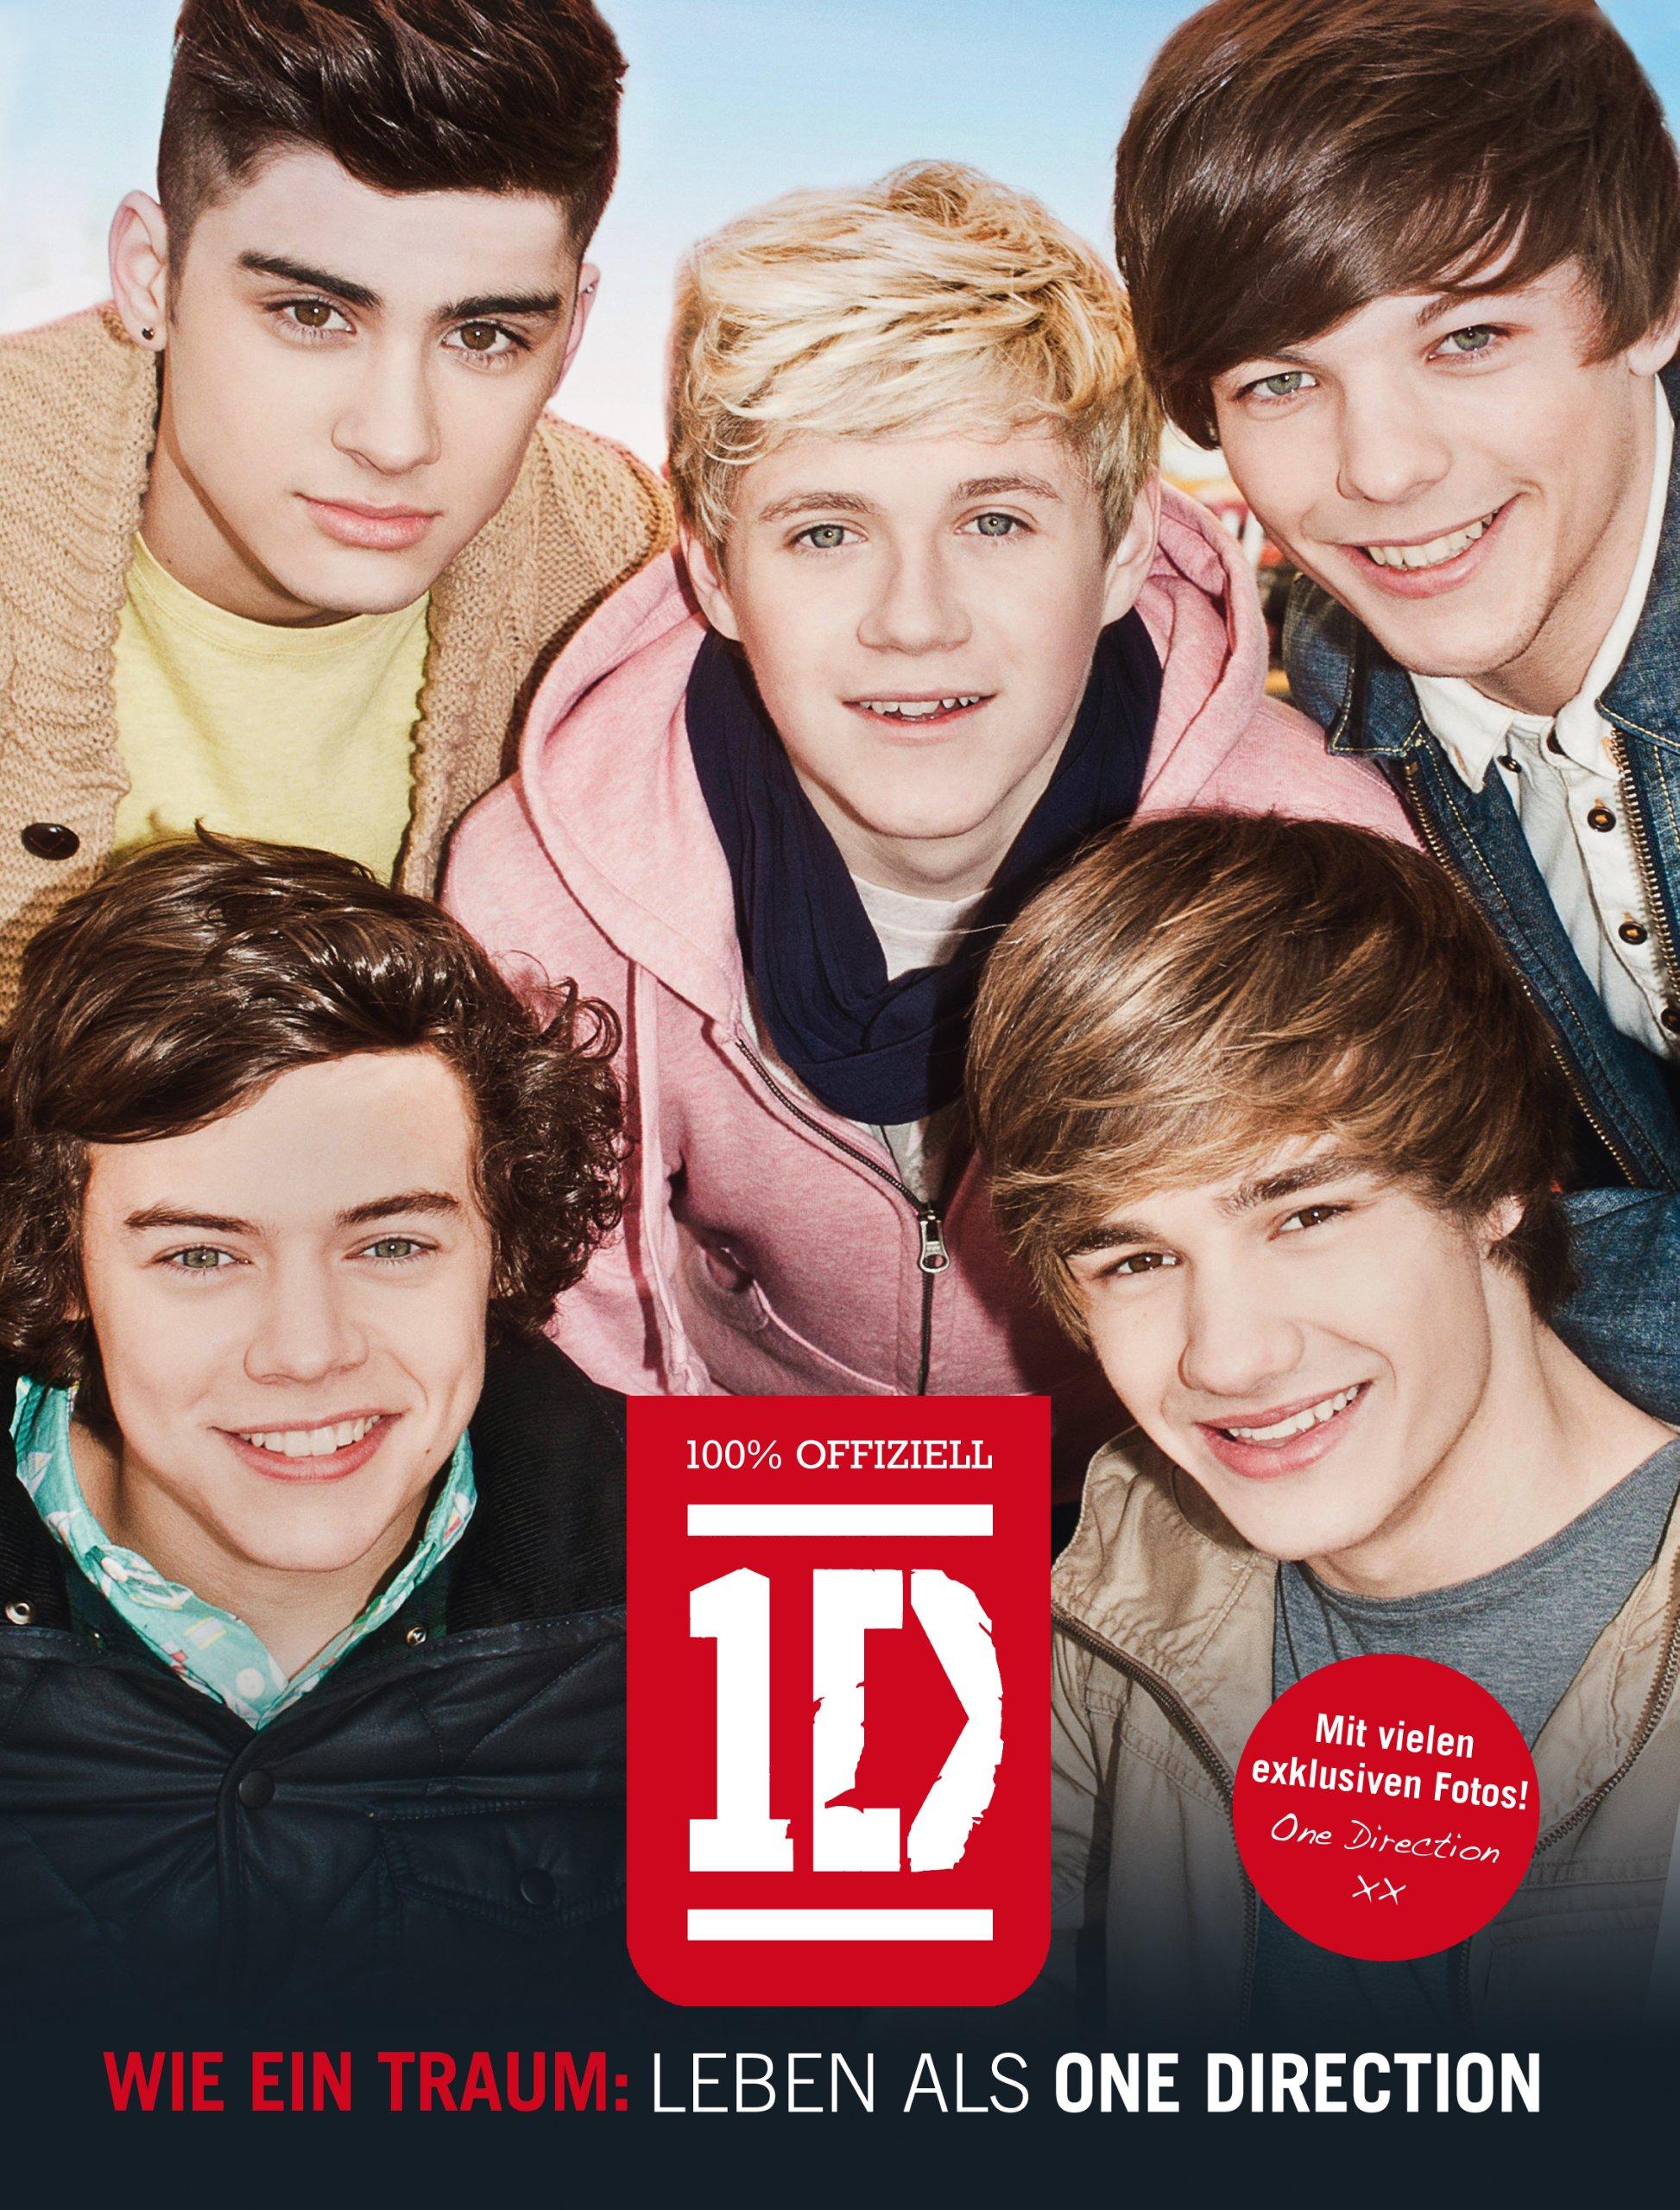 One Direction - Wie ein Traum: Leben als One Direction: 100% Offiziell 1D